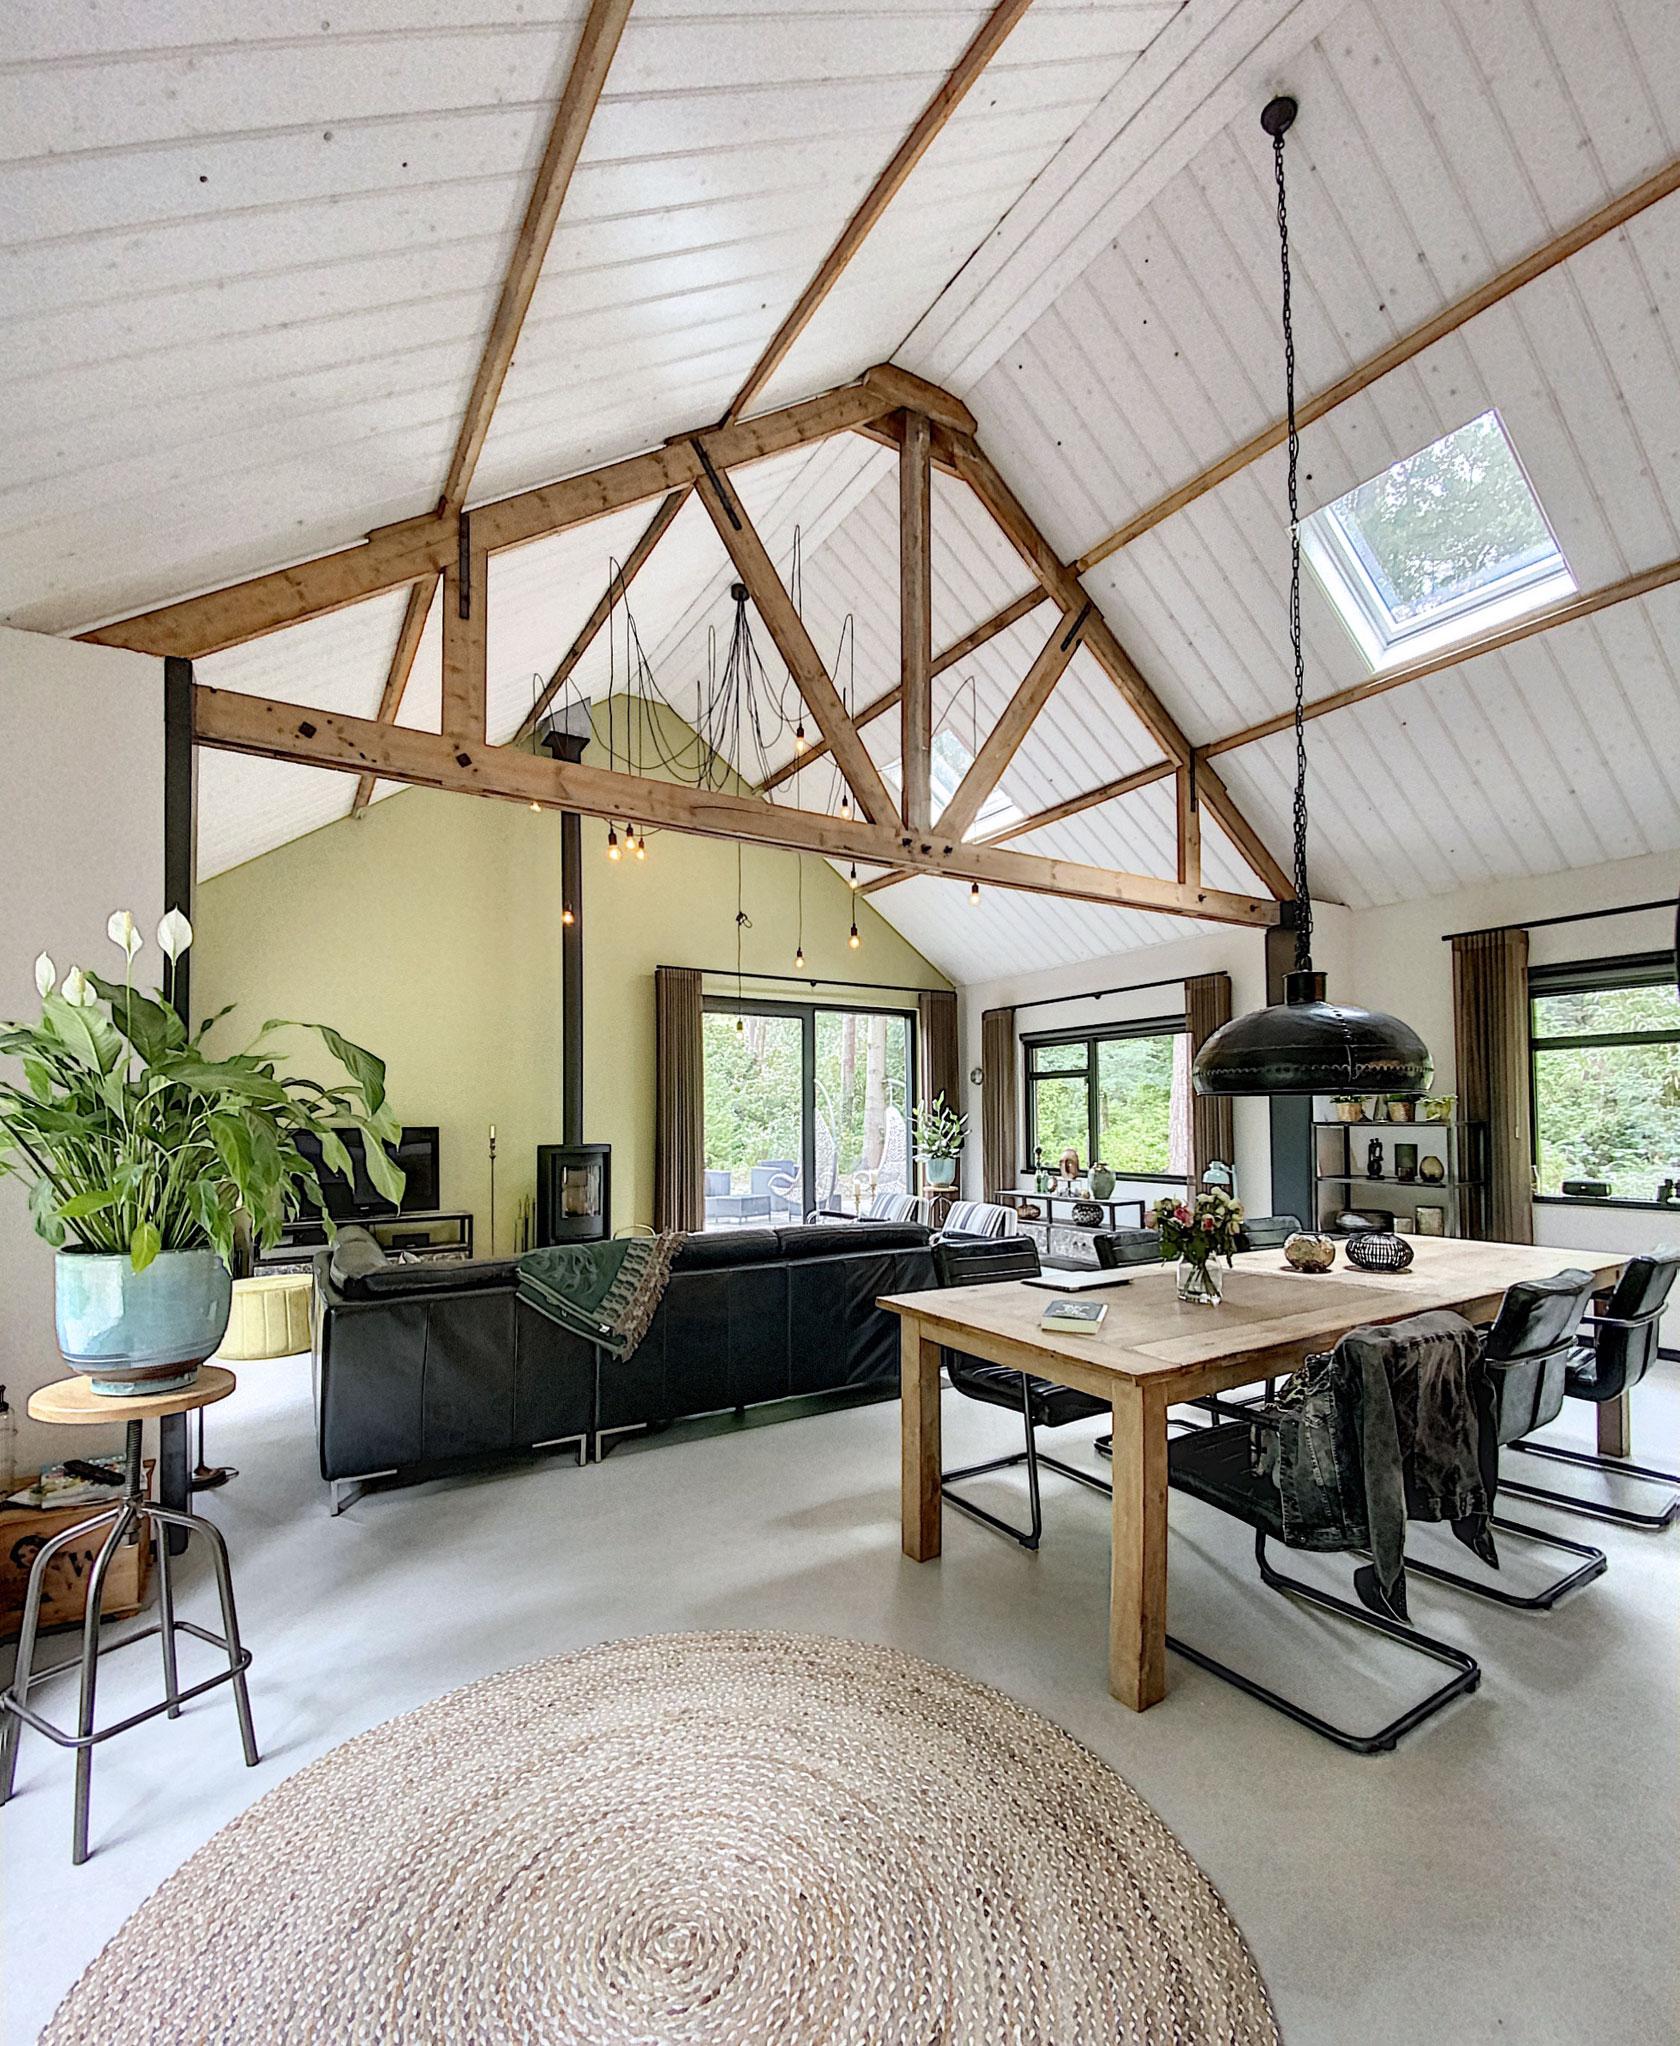 Verbouwing-woning-houten-spanten-in-het-zicht-5